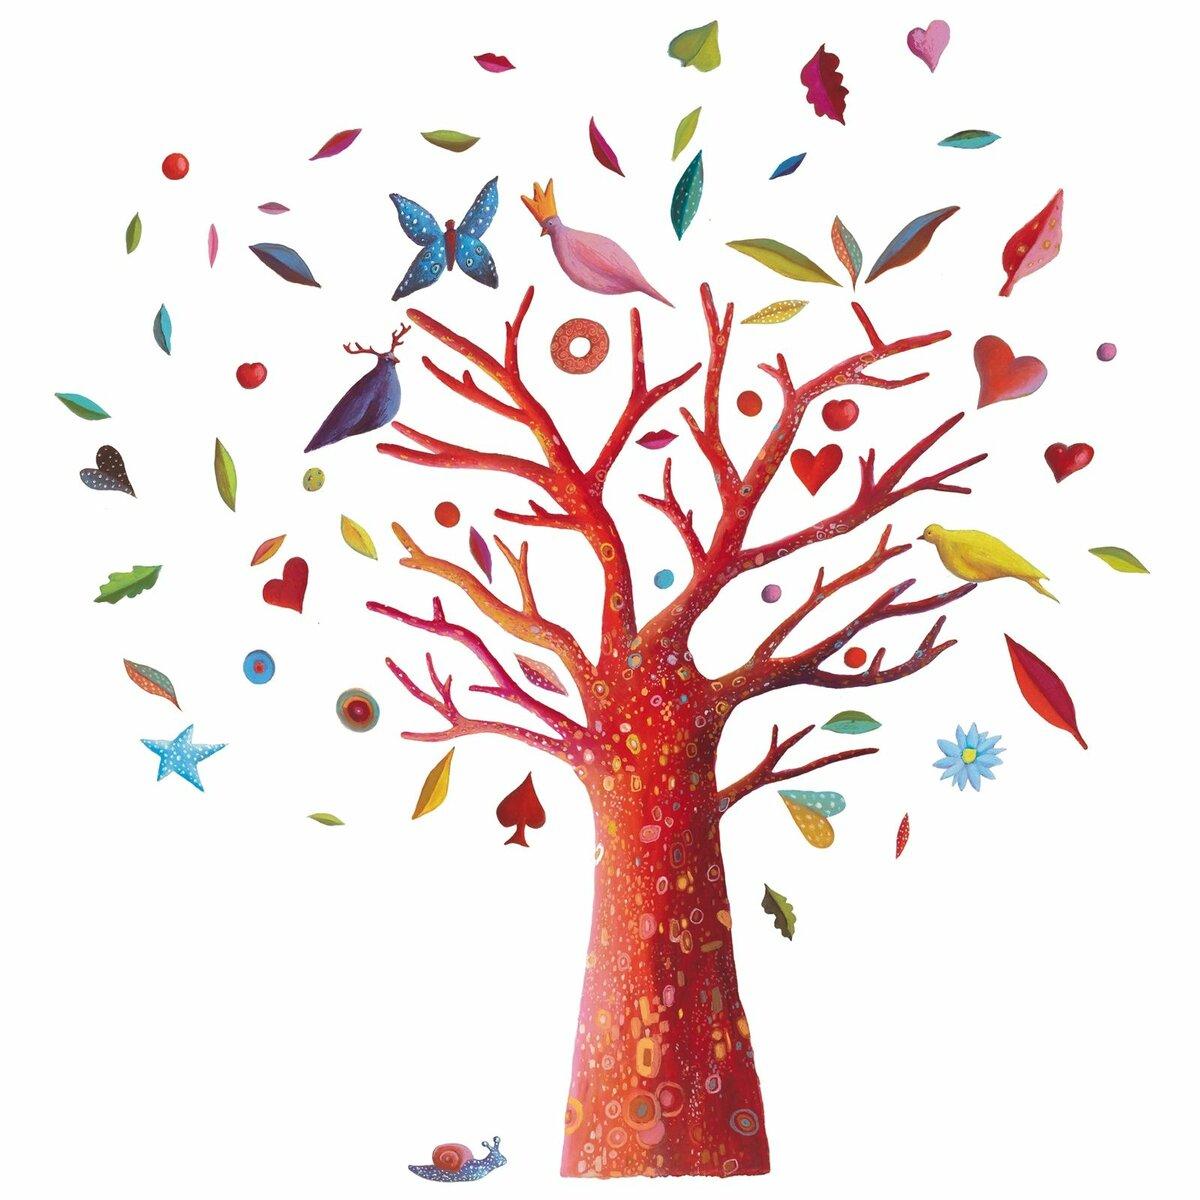 волшебное дерево картинки